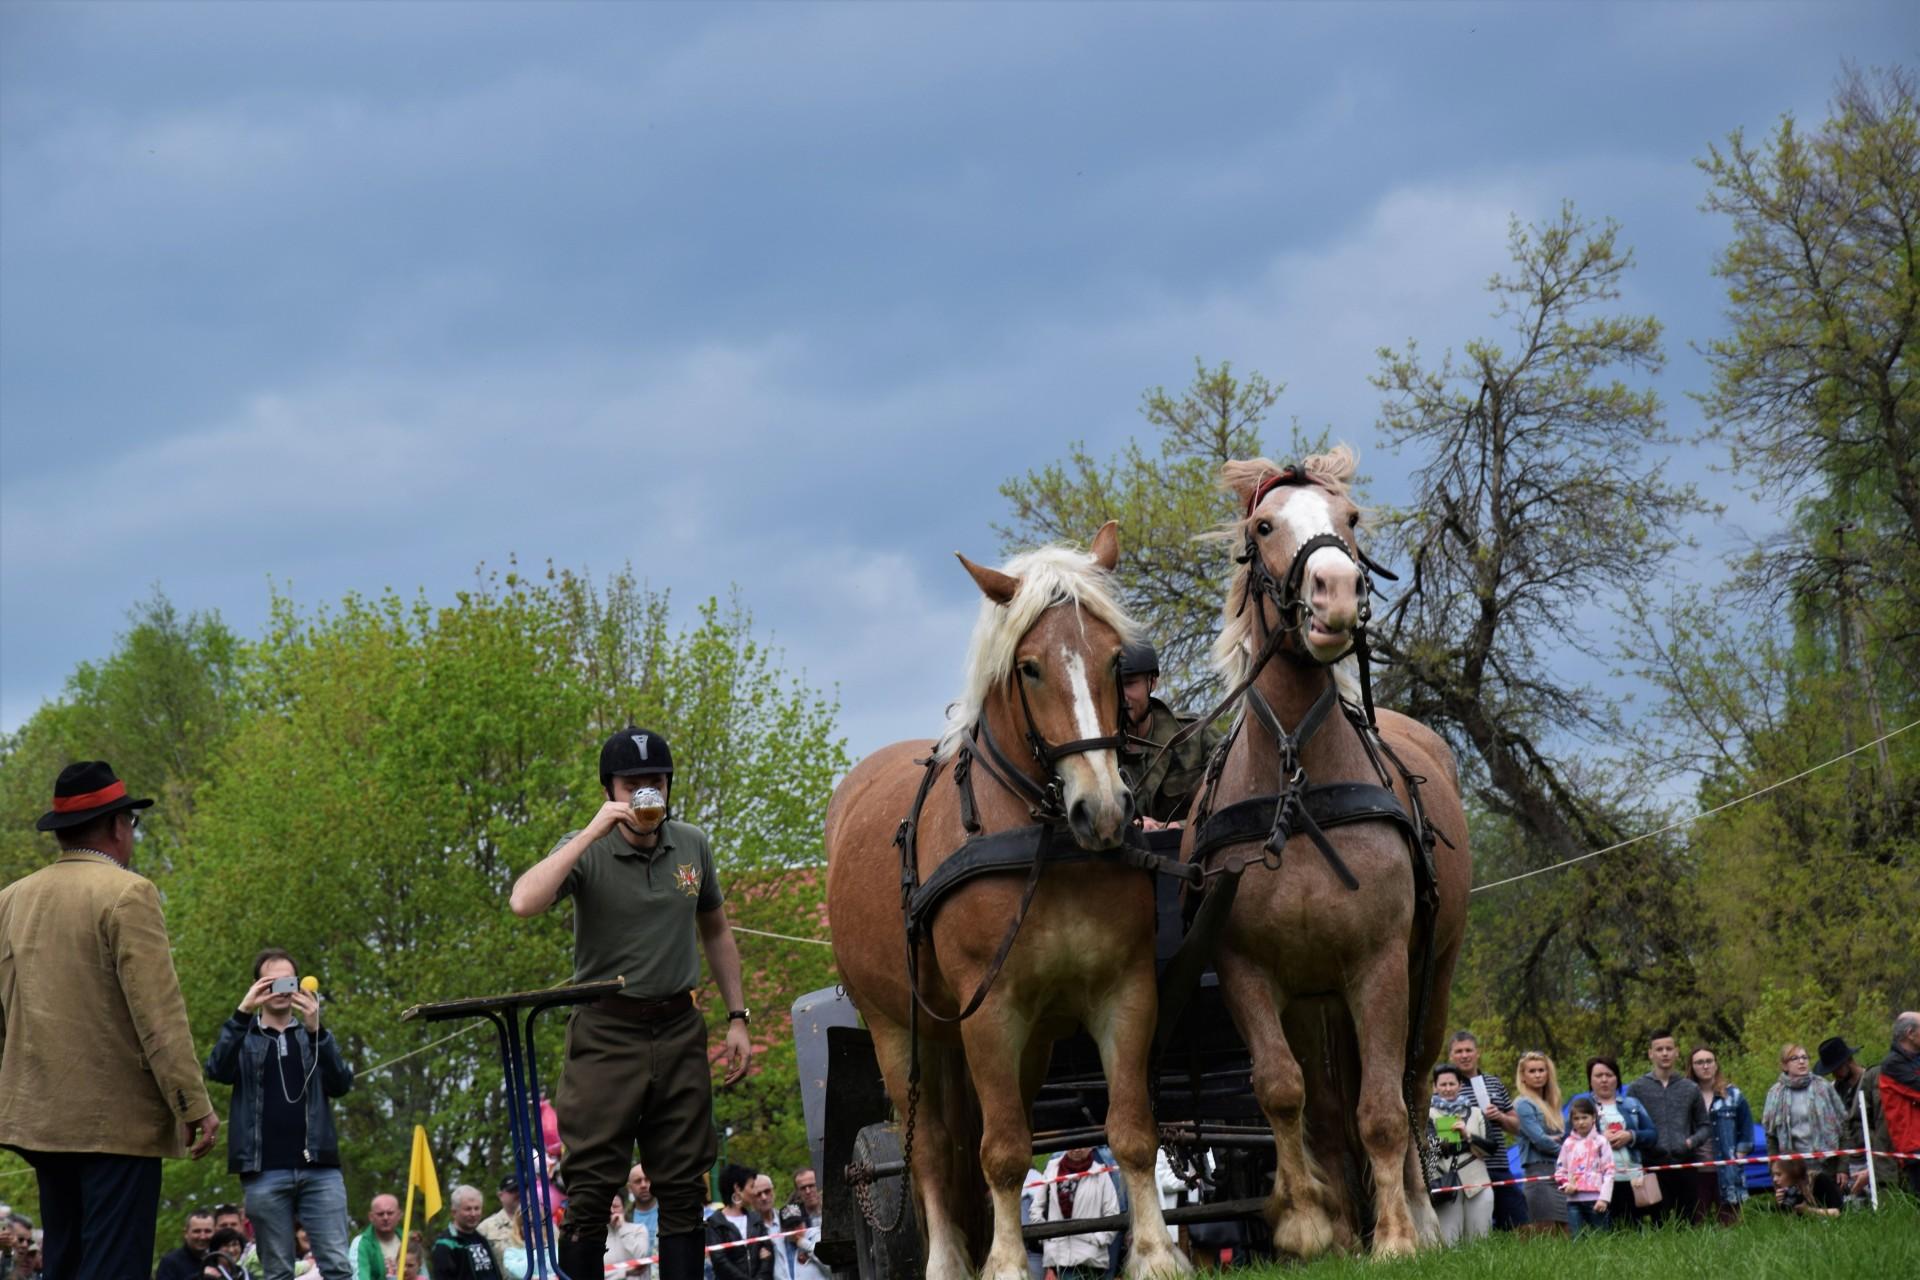 Konie, Kaszuby, Wiśta wio! Zawody w Ostrzycach [FOTOREPORTAŻ] 6